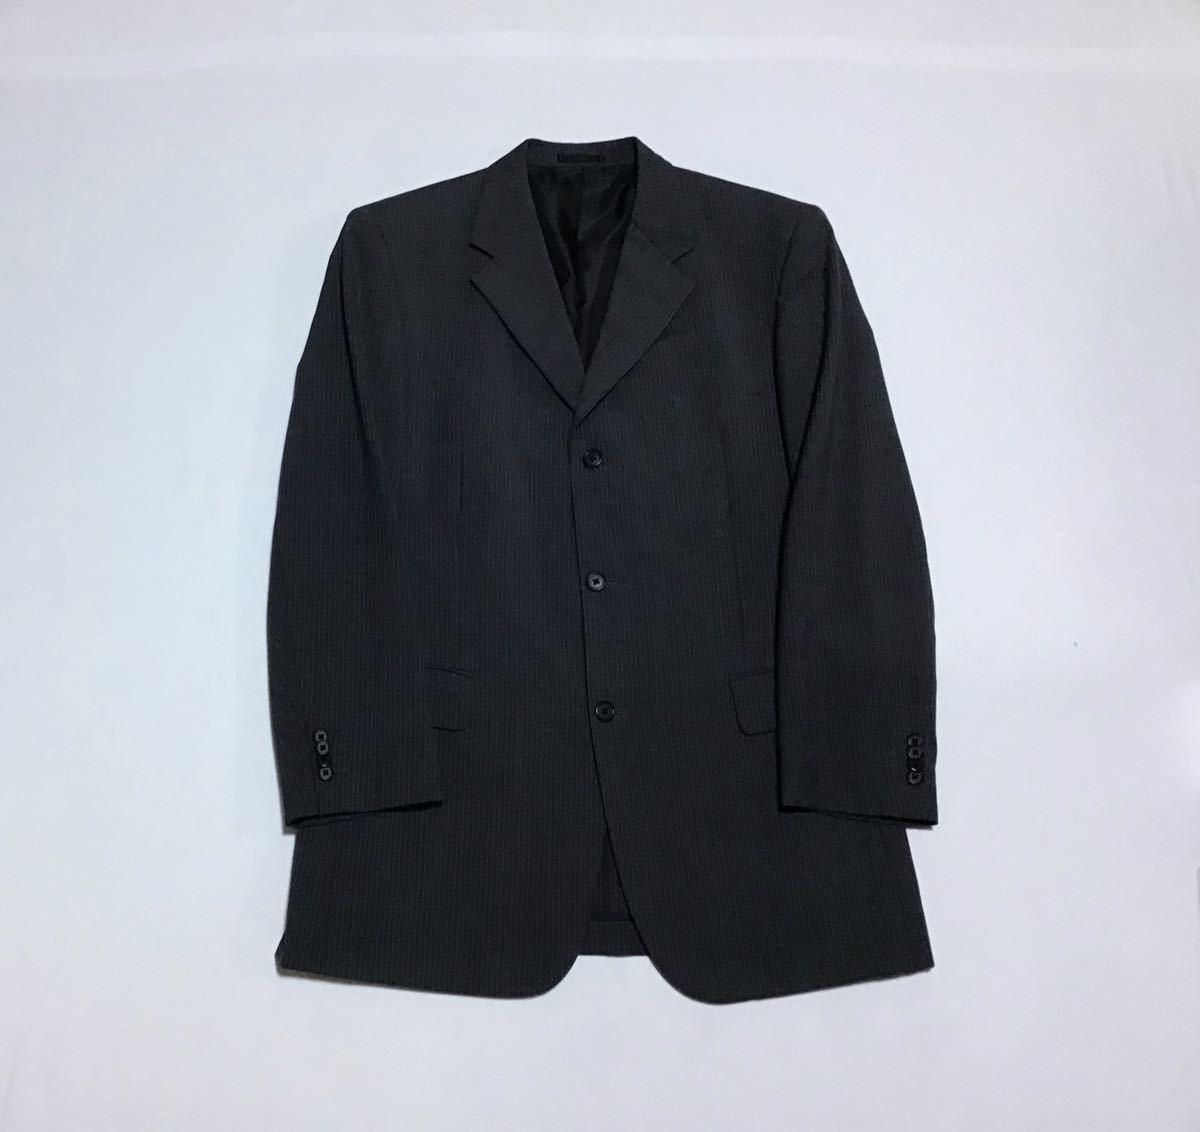 GIORGINI ジョルジー二 // 背抜き (春夏) ストライプ柄 ノーベンツ シングル テーラード ジャケット (グレー) サイズ 96A7 (LL)